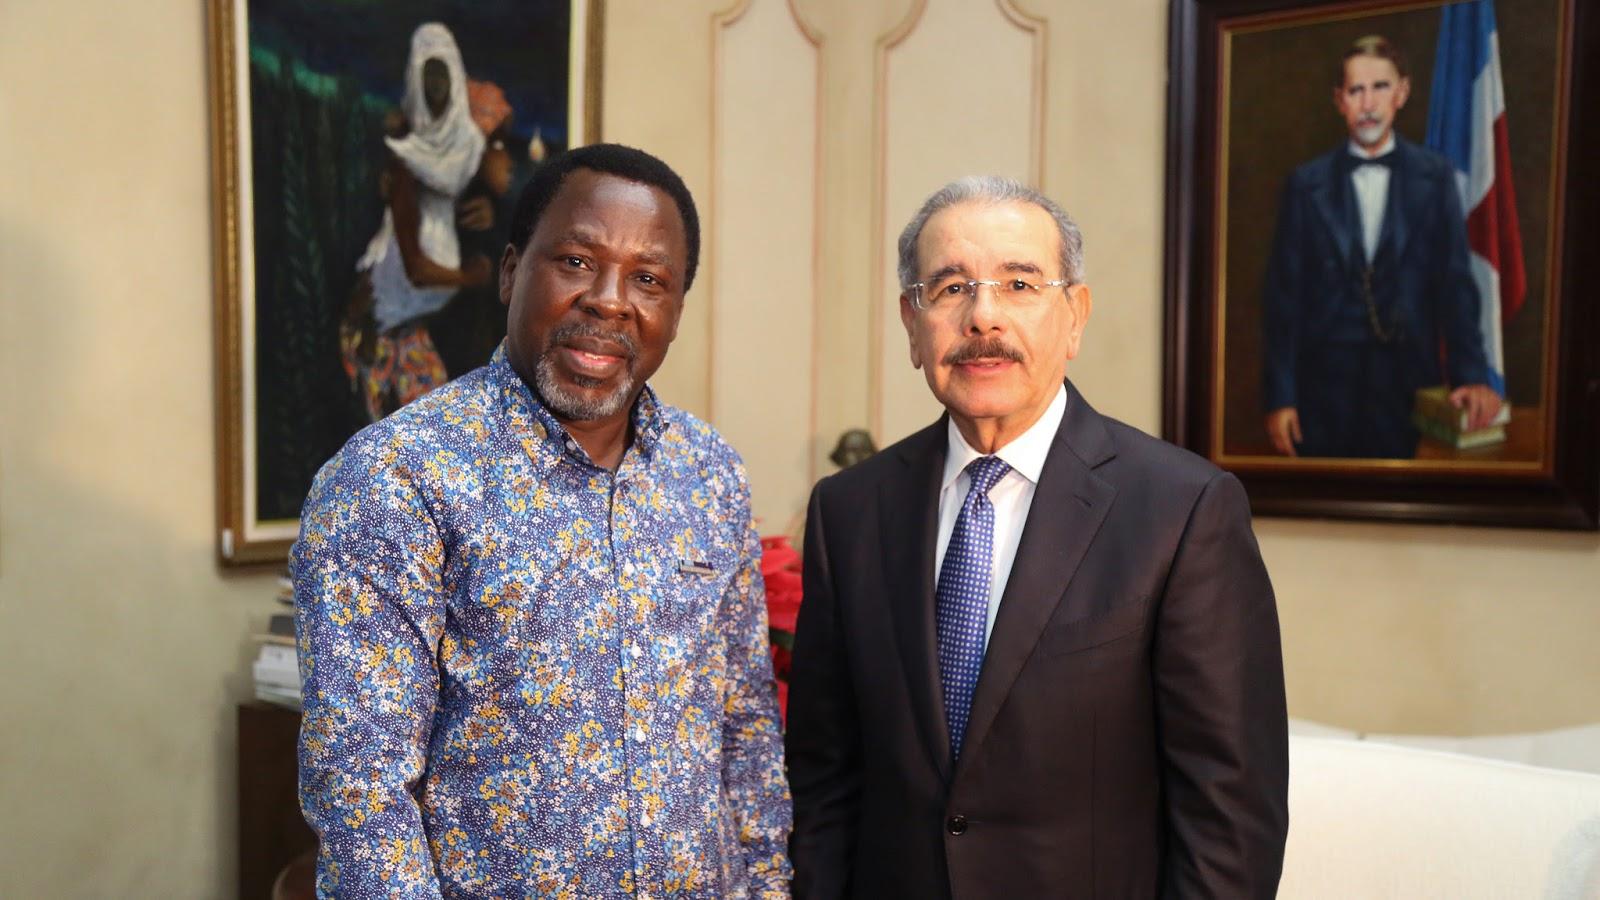 VIDEO: Presidente Danilo Medina recibe al profeta nigeriano T.B Joshua